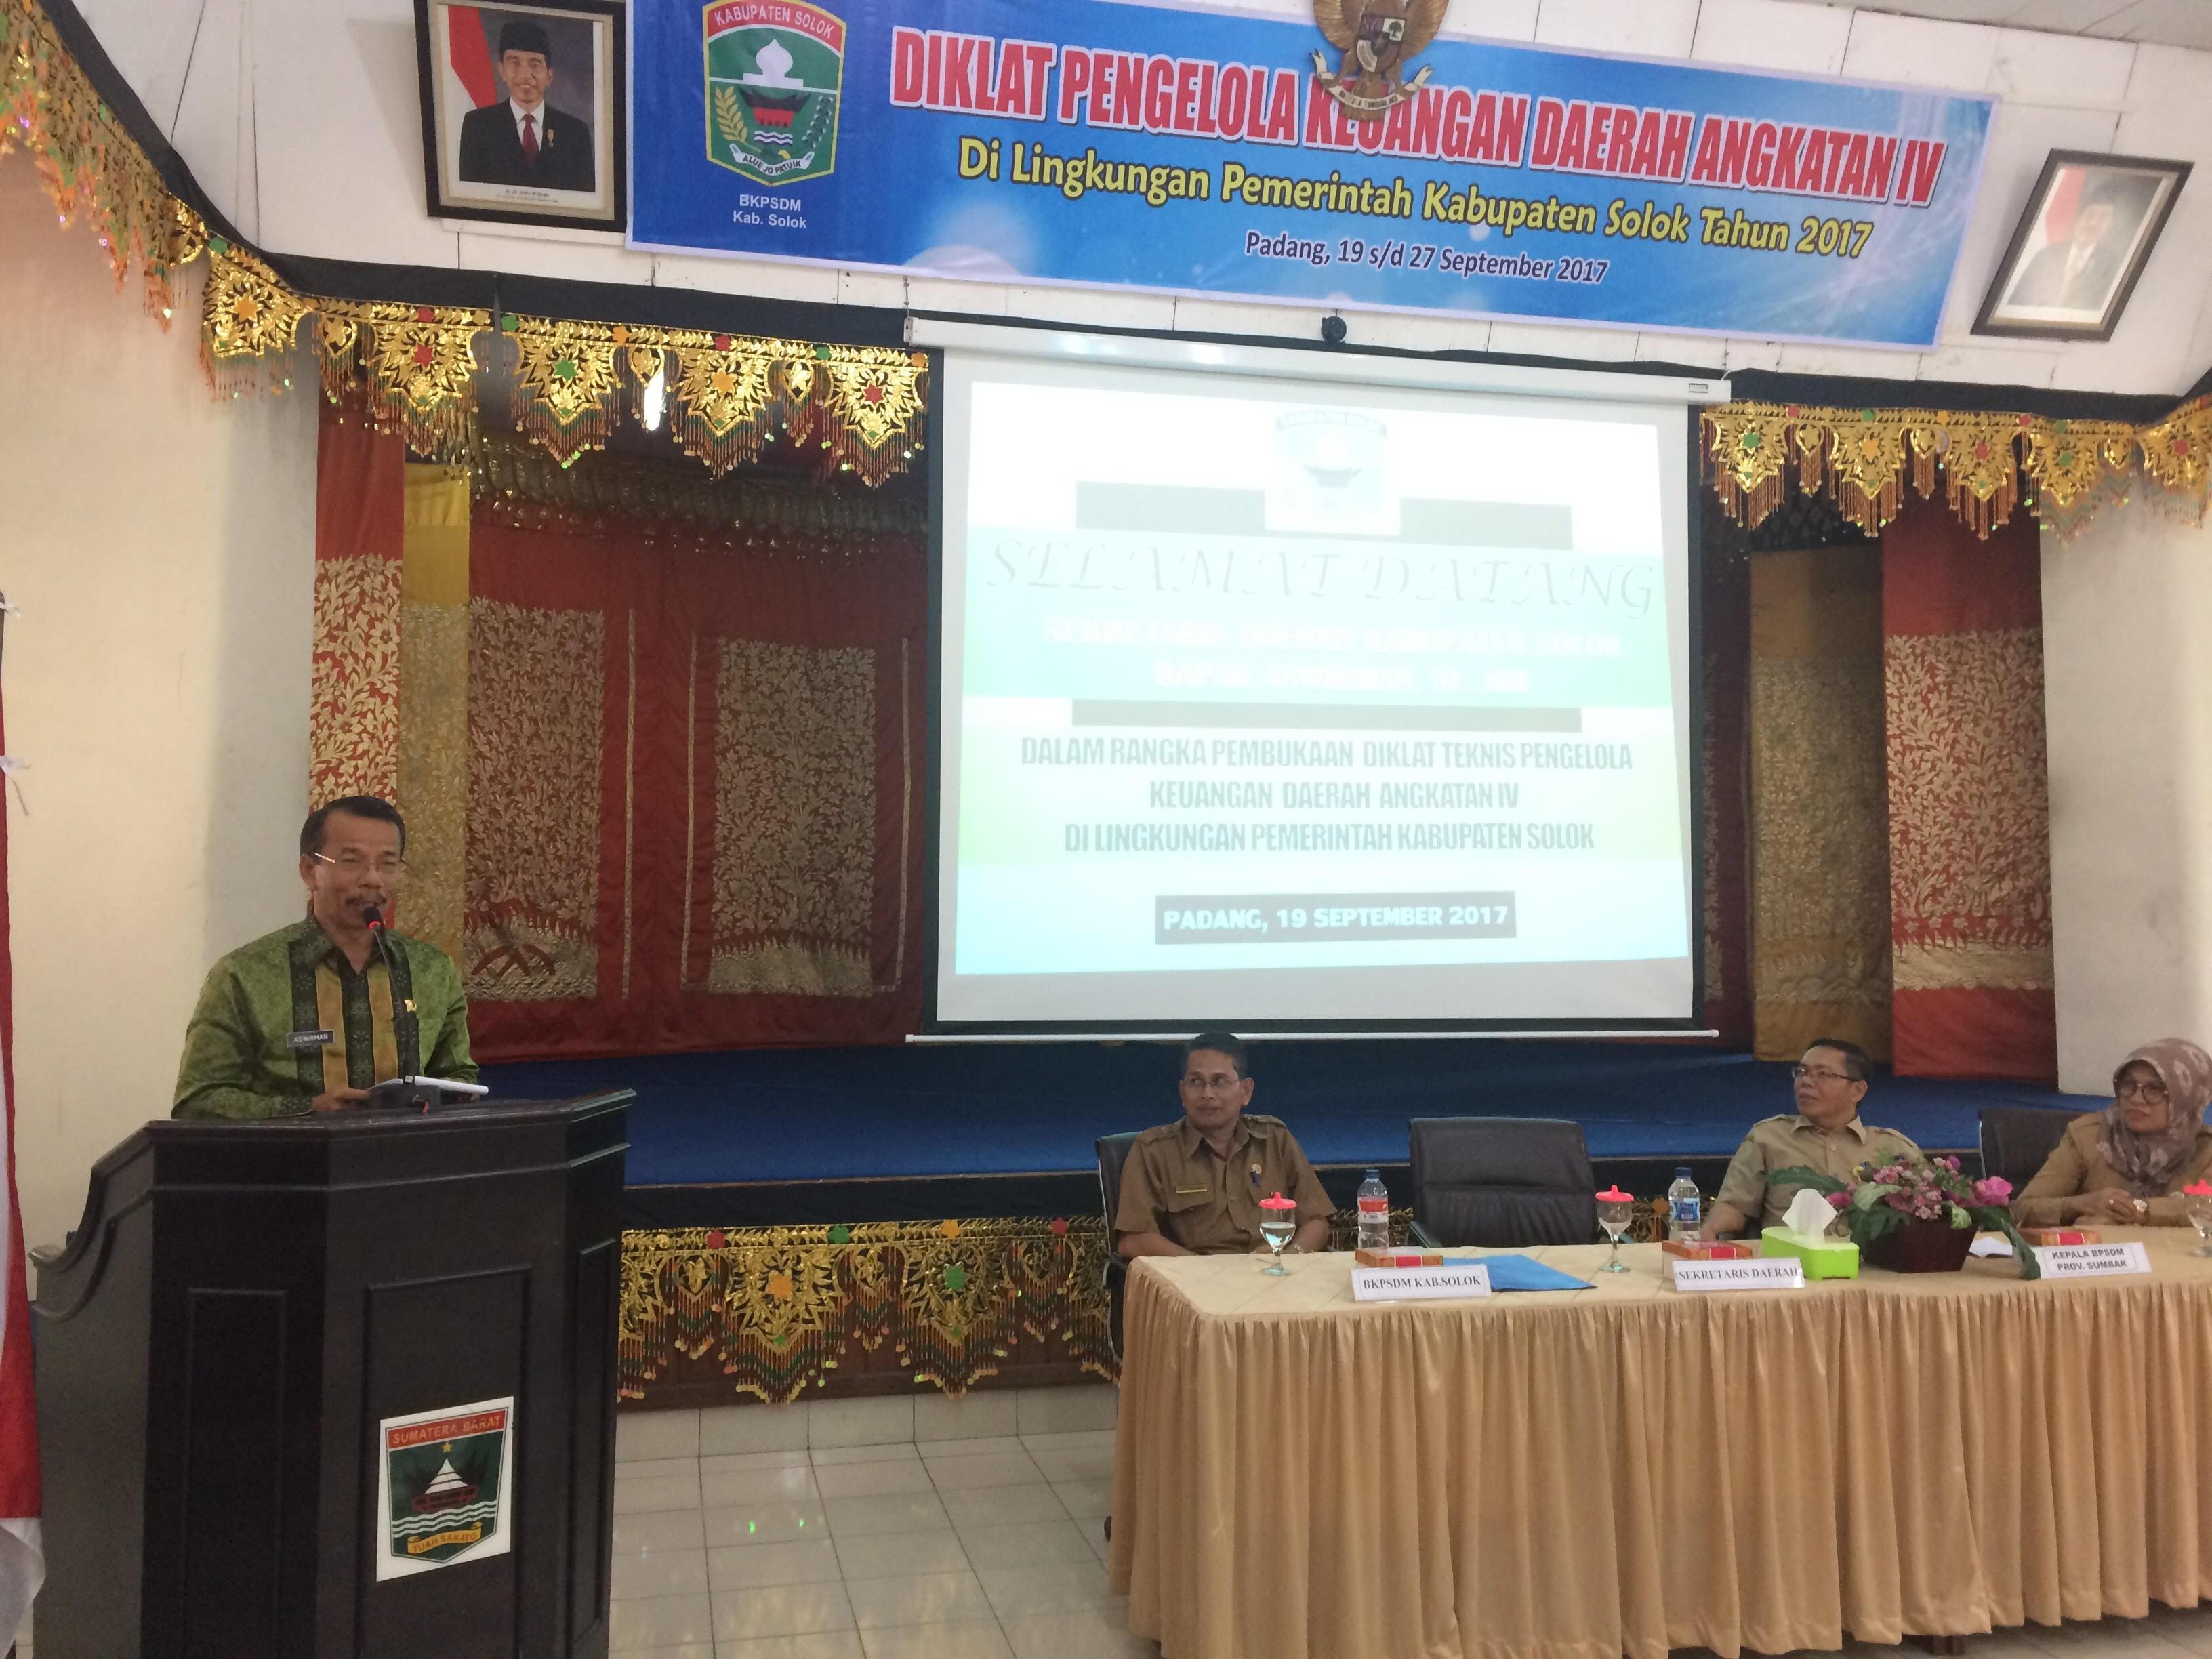 Sekretaris Daerah Kabupaten Solok Membuka Diklat Pengelolaan Keuangan Daerah Angkatan IV Di Lingkung